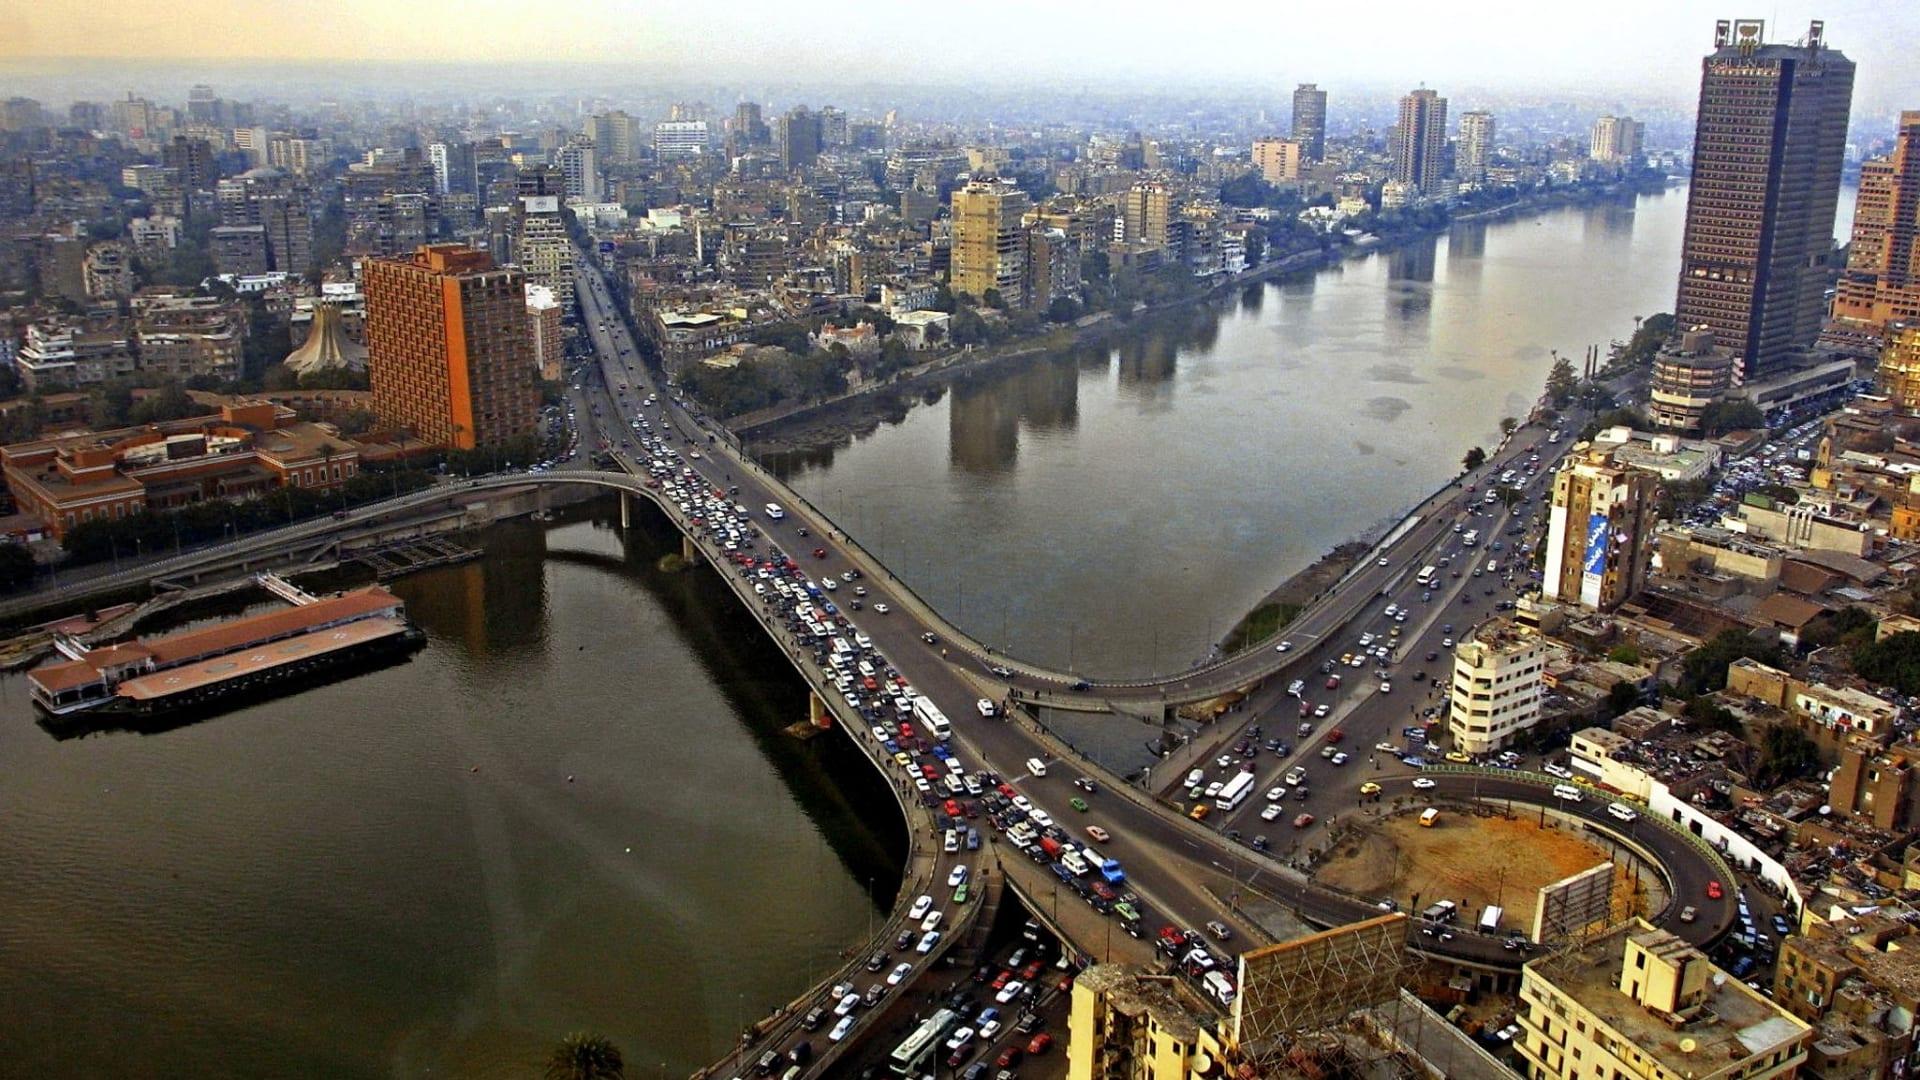 صورة أرشيفية عامة للعاصمة المصرية القاهرة